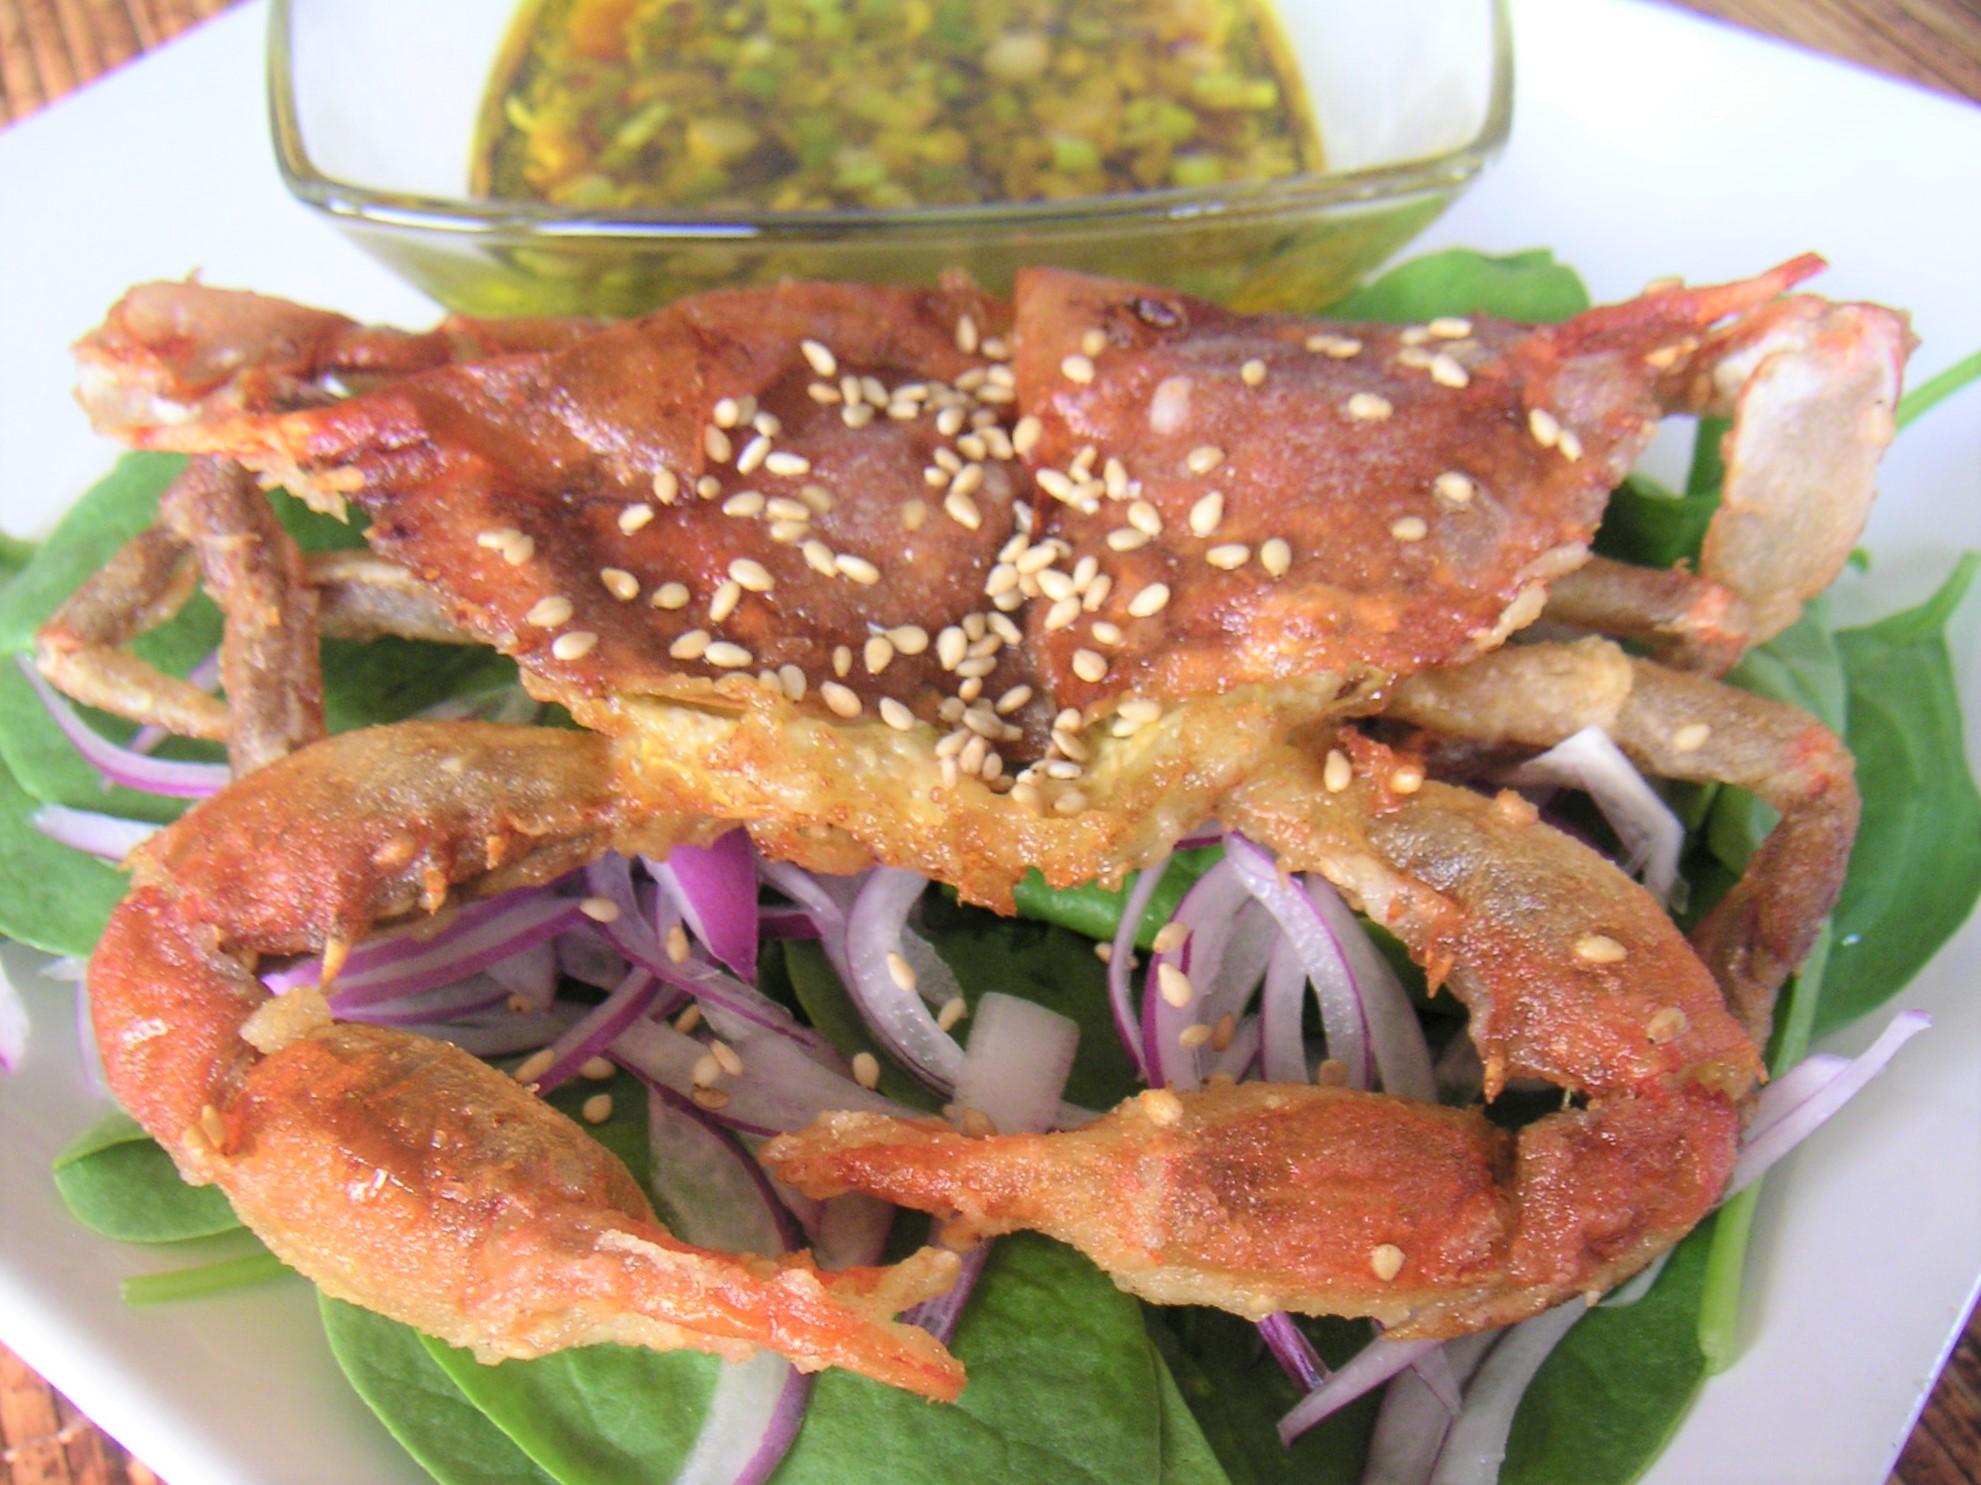 【レシピ紹介】8月の食材ソフトシェルクラブ(Softshell crab)の柚子ポン酢サラダ